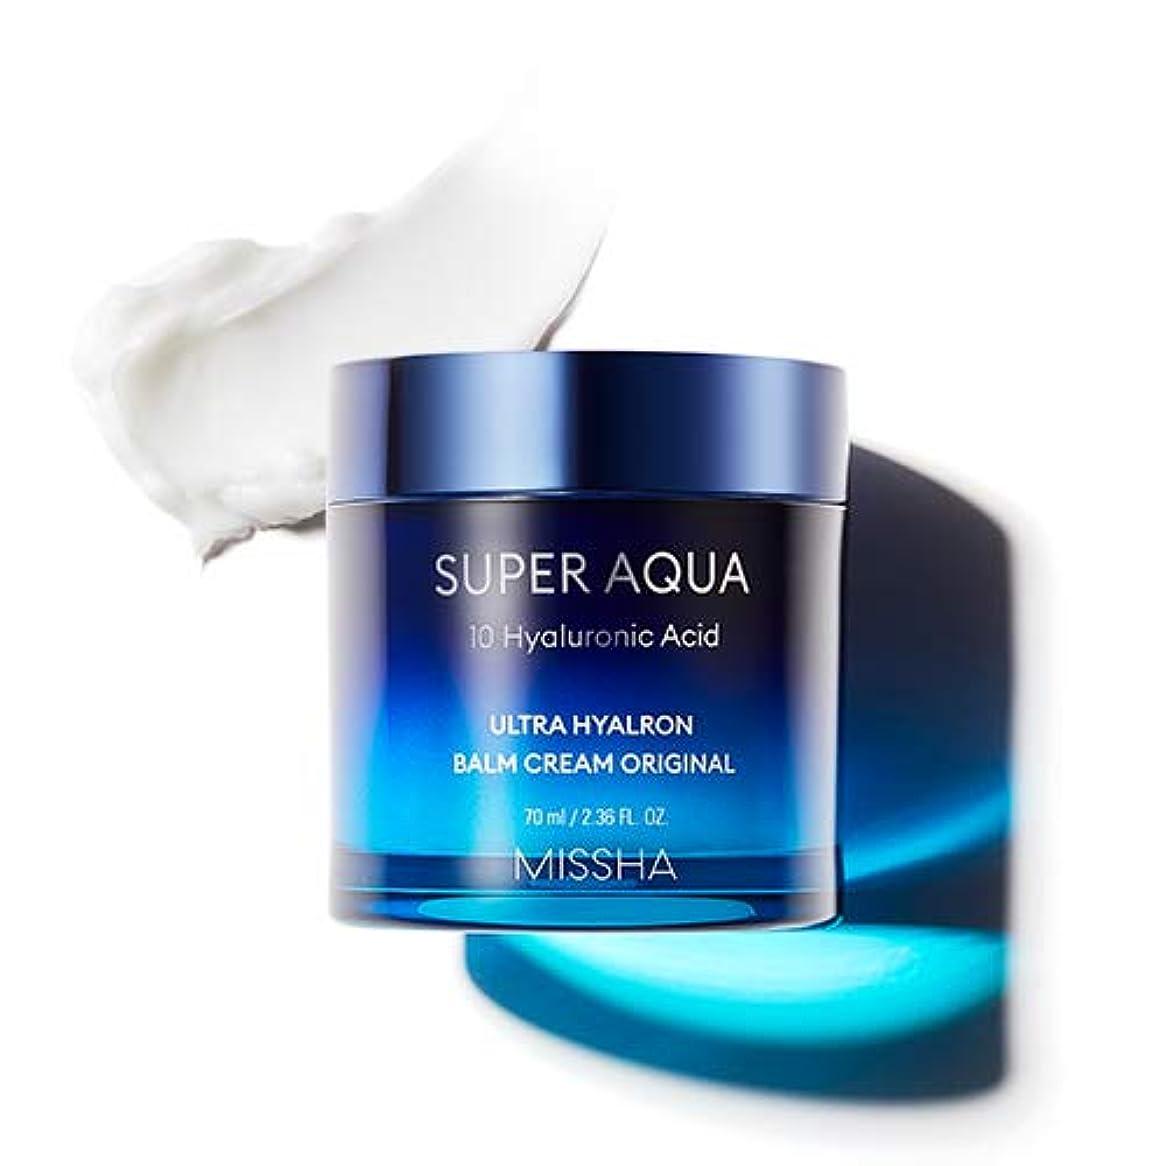 ショッキング口めんどりMISSHA Super Aqua Ultra Hyalron Balm Cream Original ミシャ スーパーアクア ウルトラ ヒアルロン バーム クリーム オリジナル 70ml [並行輸入品]